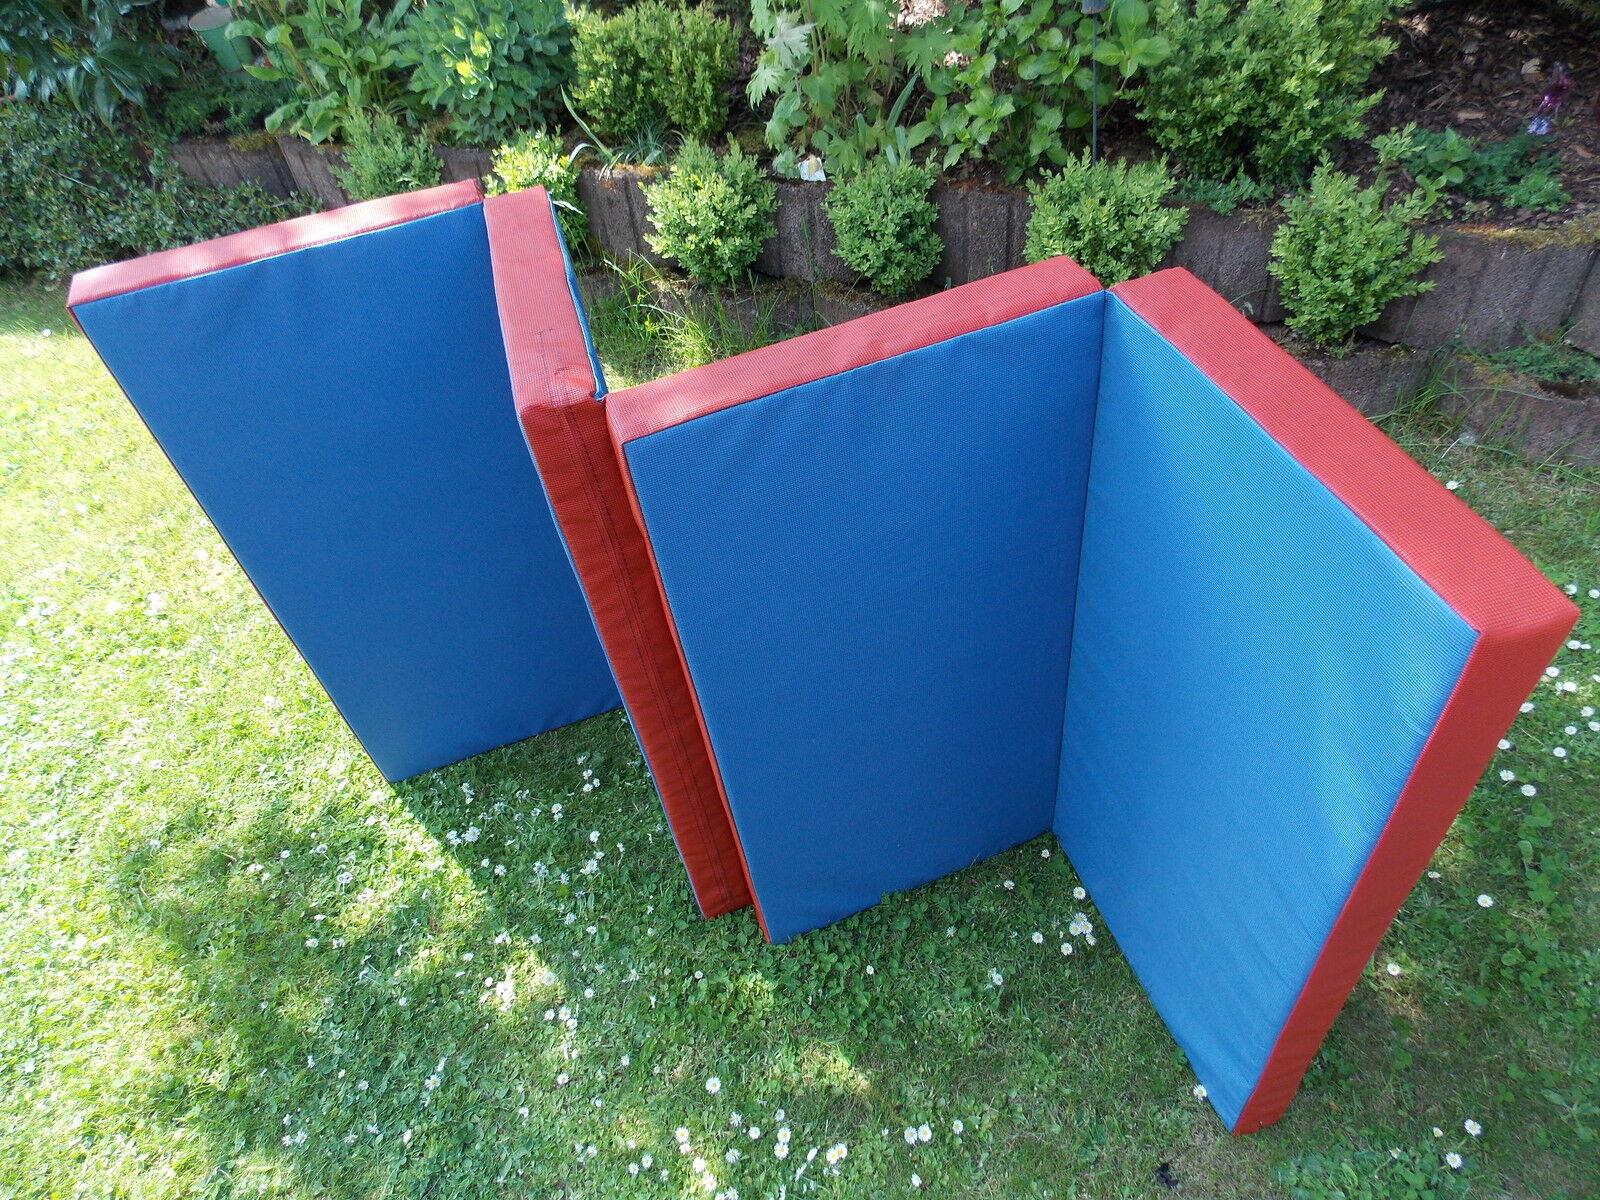 Weichbodenmatte, Turnmatte 200 x 100 x 8 cm - blau rot. 3 x klappbar